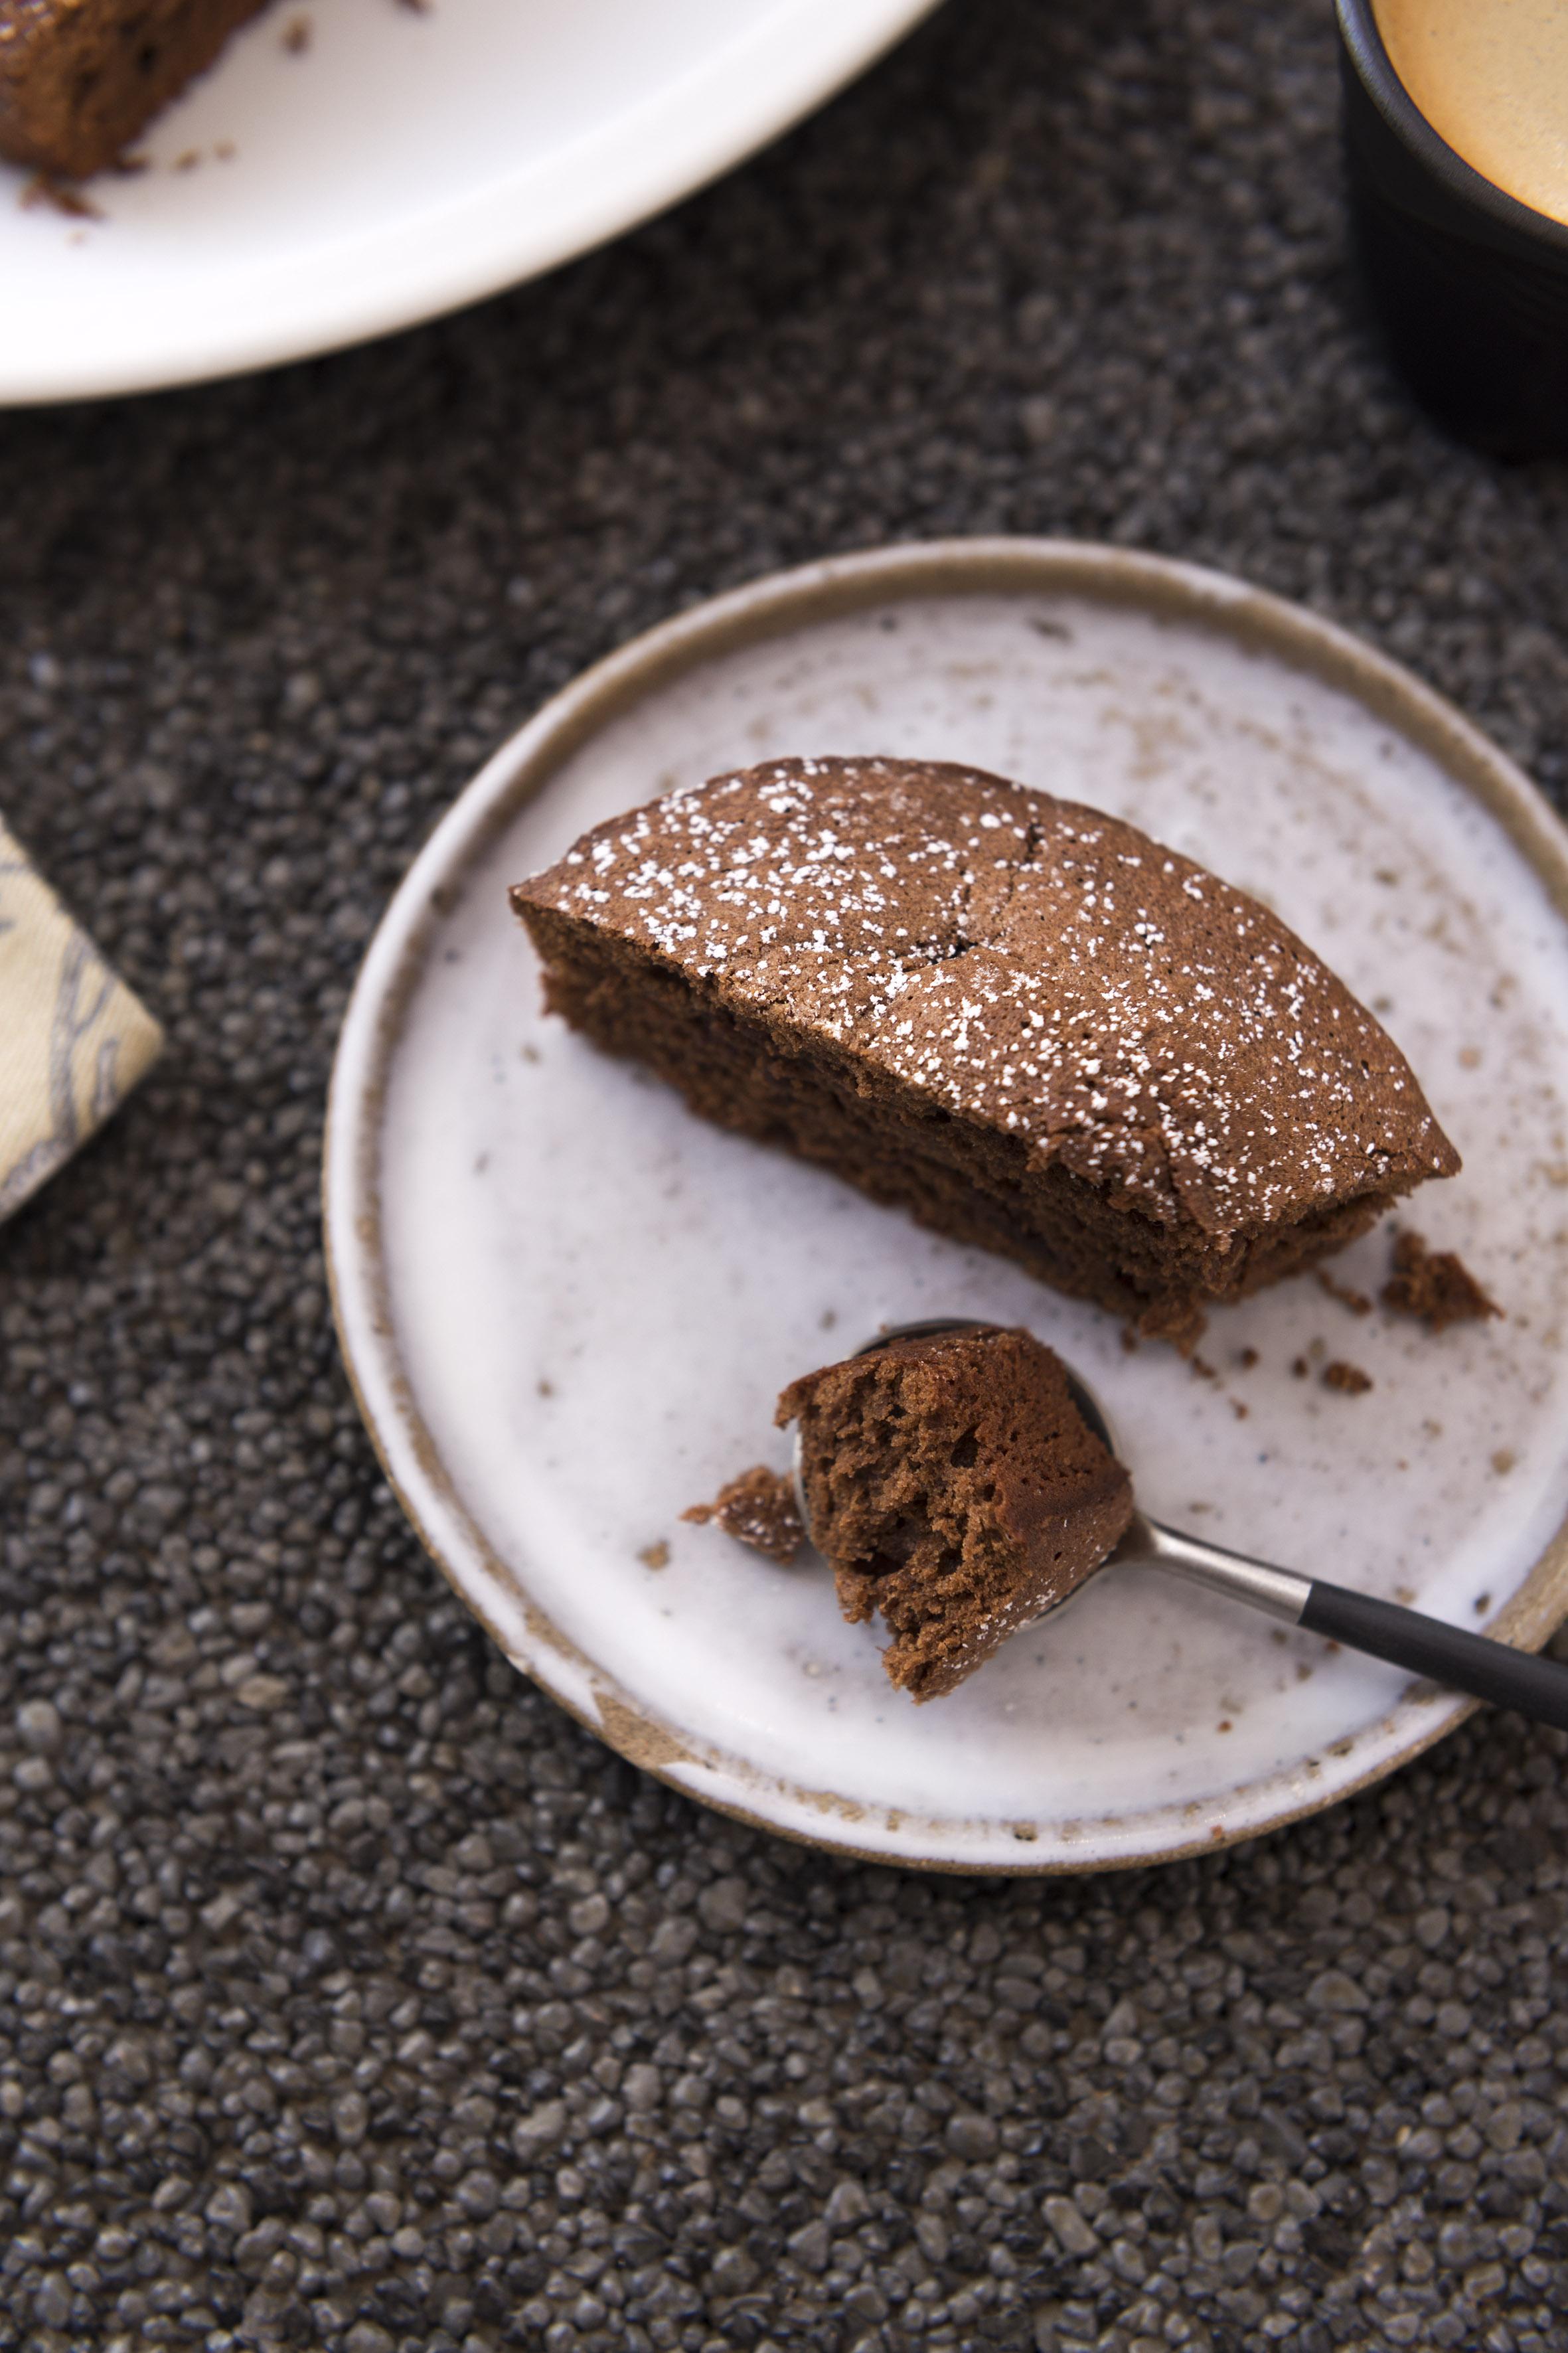 Photo vue de trois quart en gros plan d'une part de gâteau au chocolat avec un morceau dans une cuillère